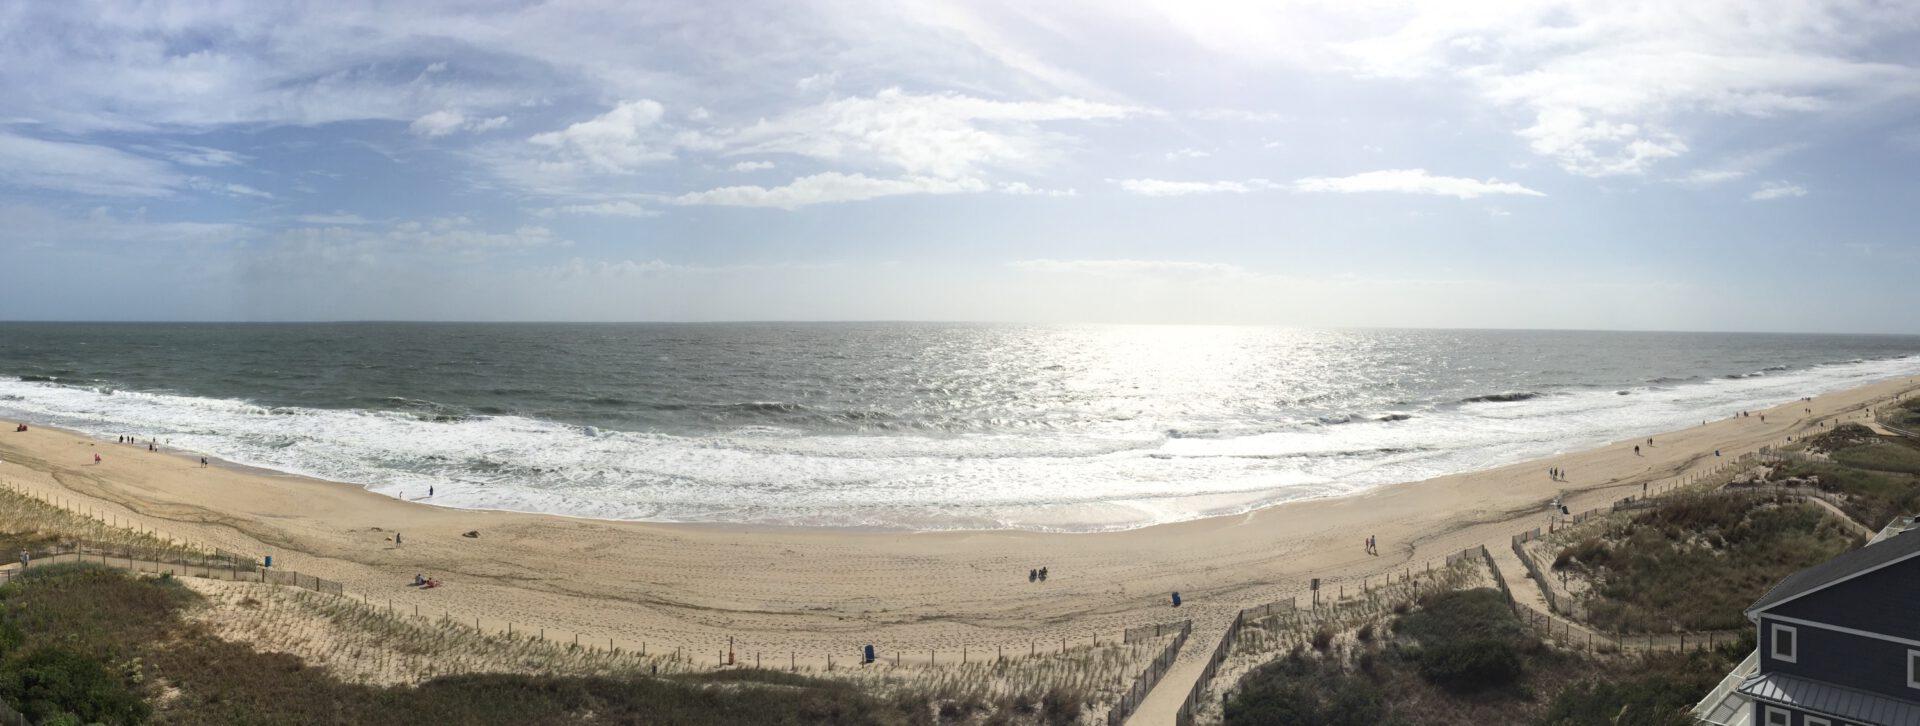 Ocean City panorama